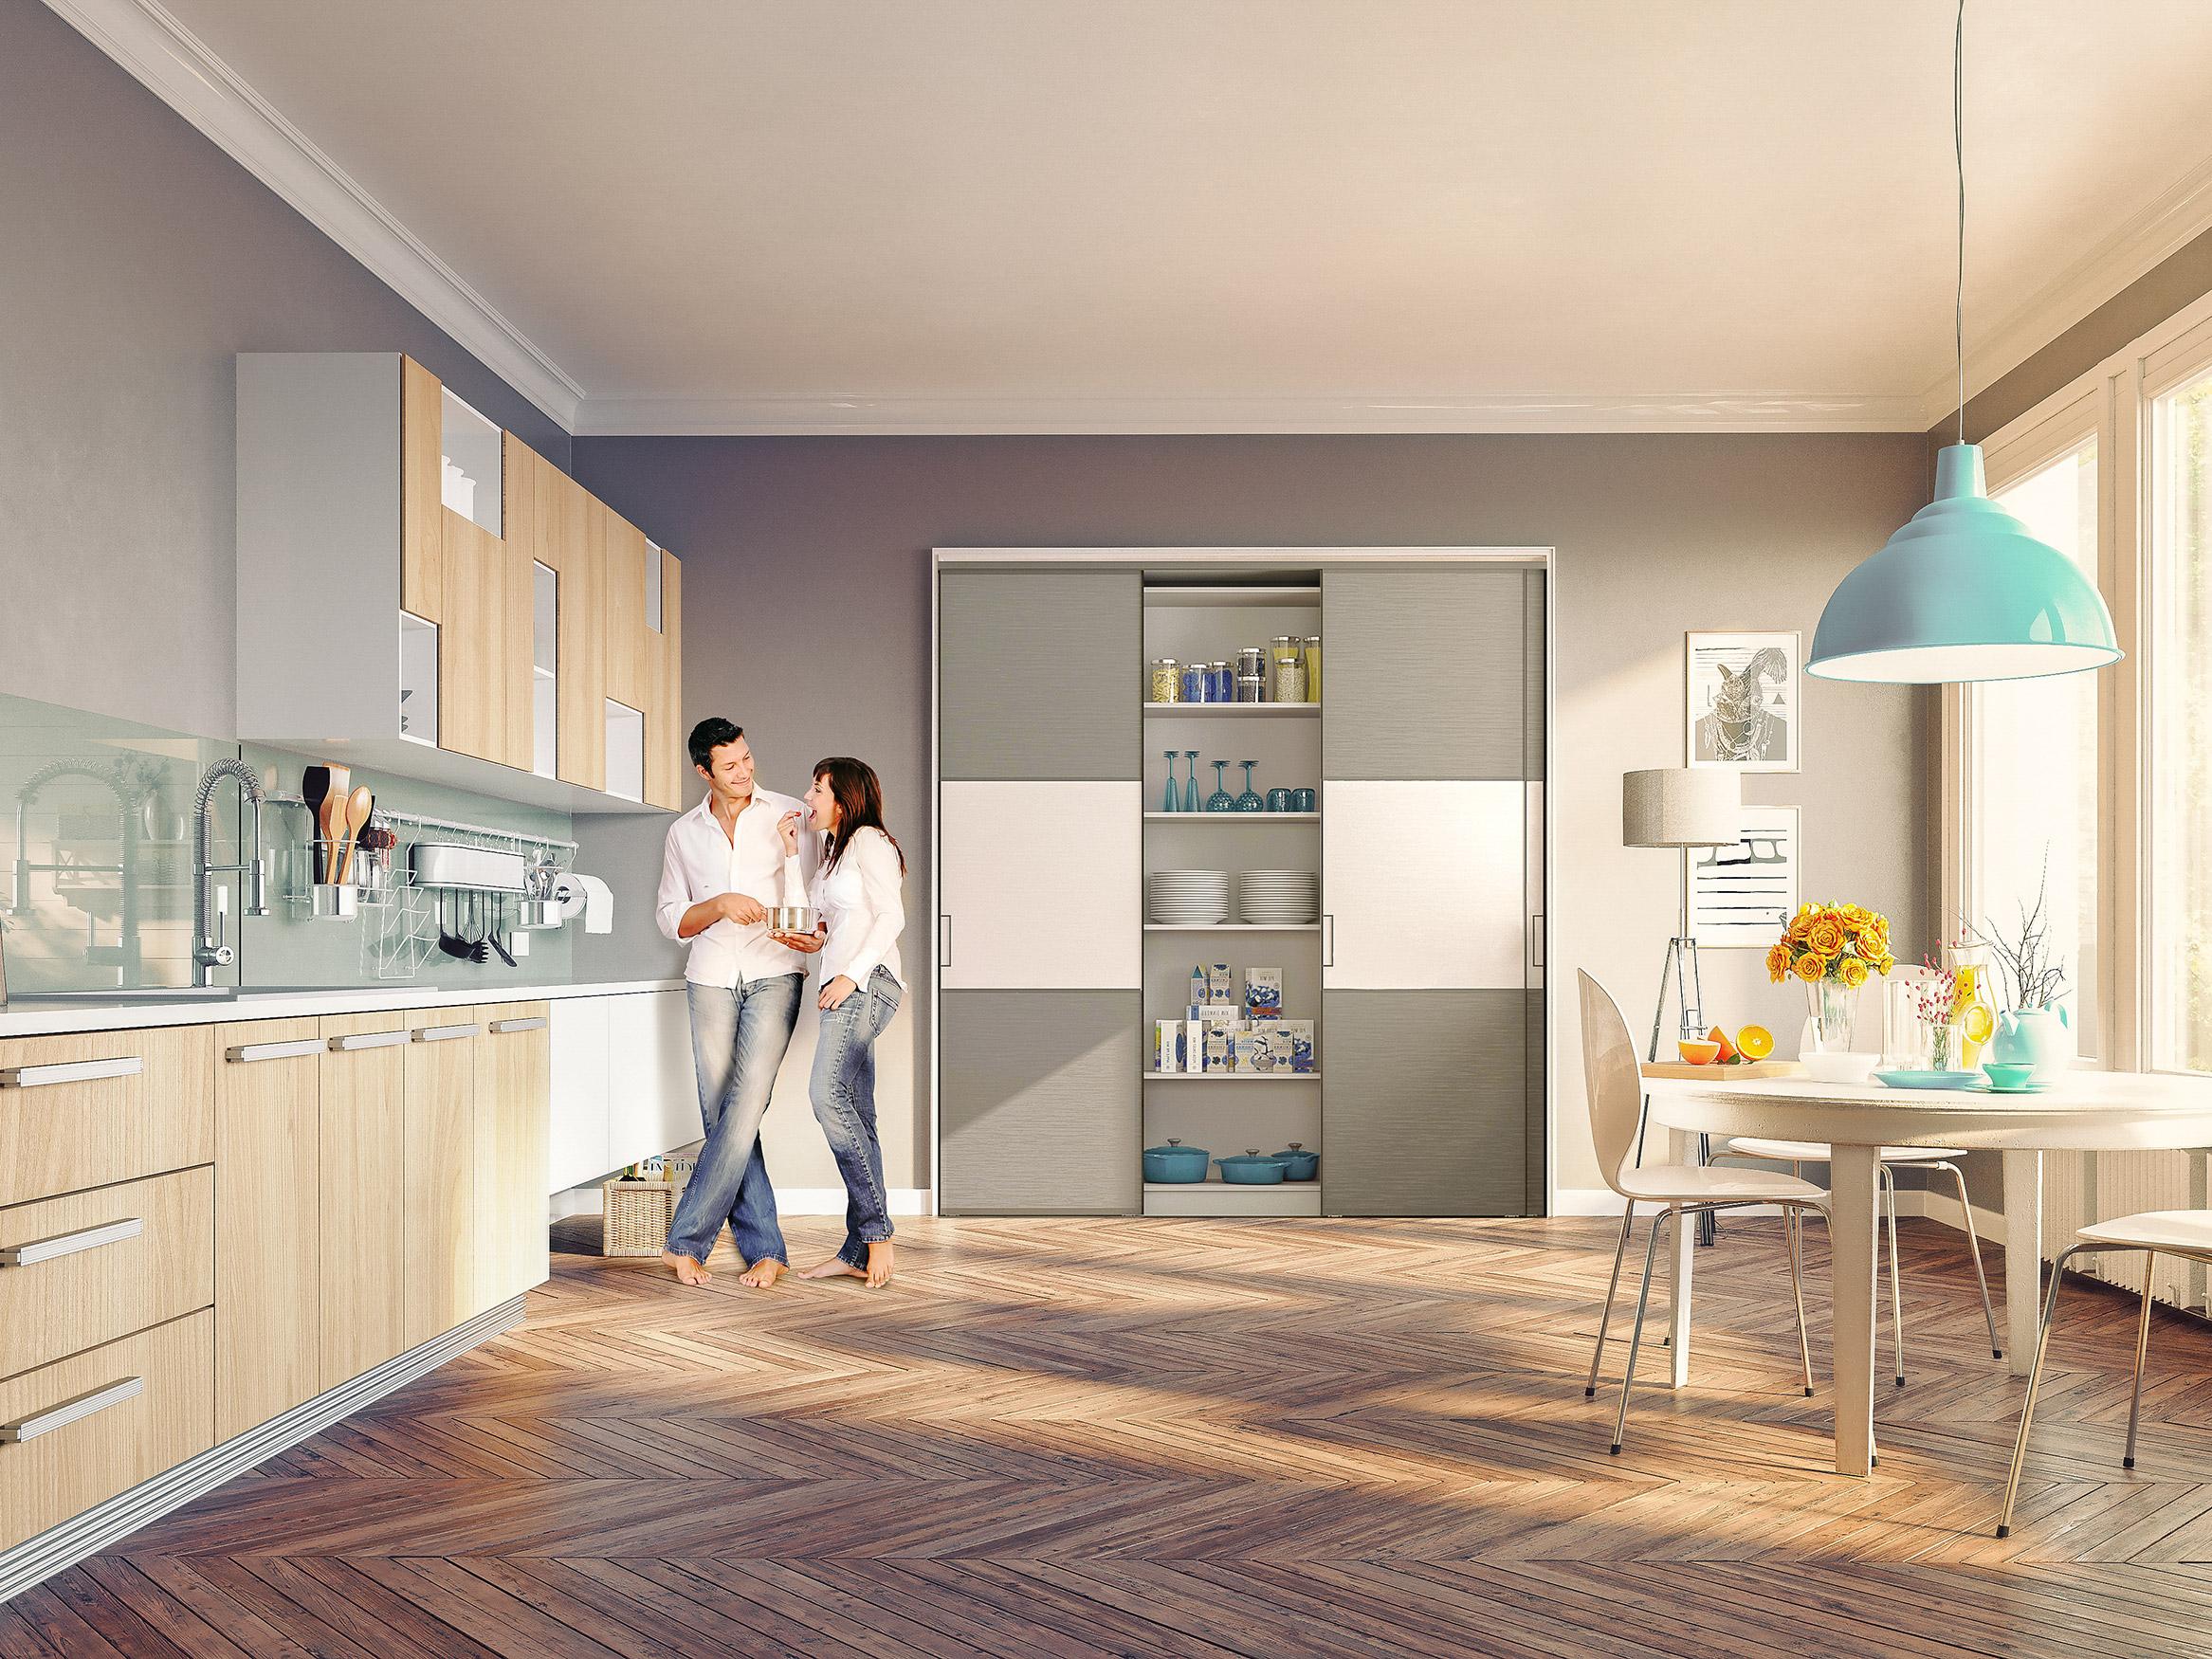 Porte de placard coulissante sur mesure pas ch re for Modele de placard de cuisine